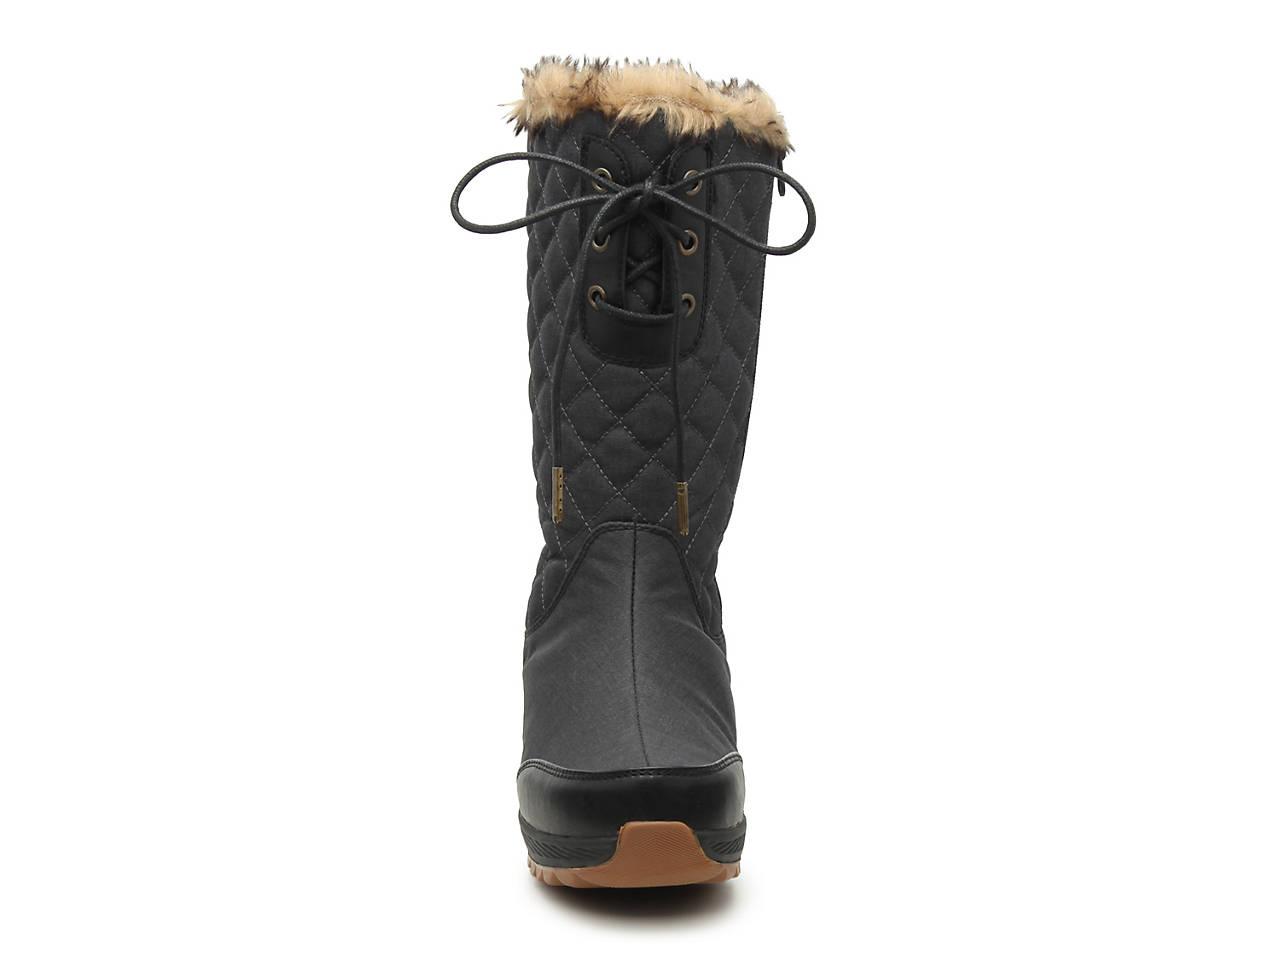 a890a280807 Kamik Plateau Wedge Snow Boot Men s Shoes